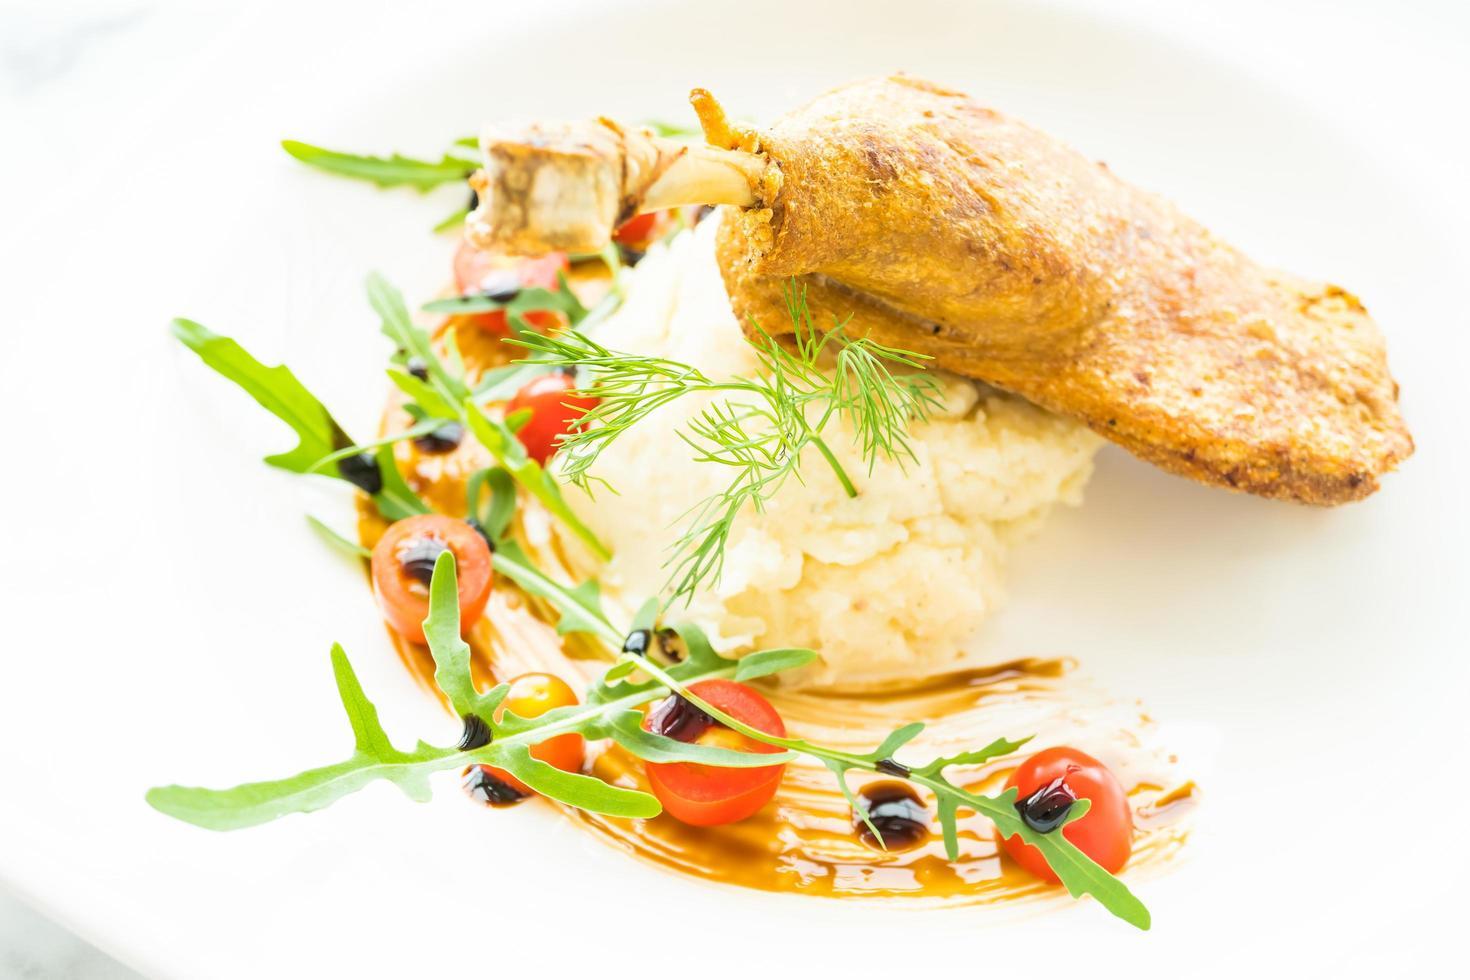 perna de pato frita com salada de batata foto